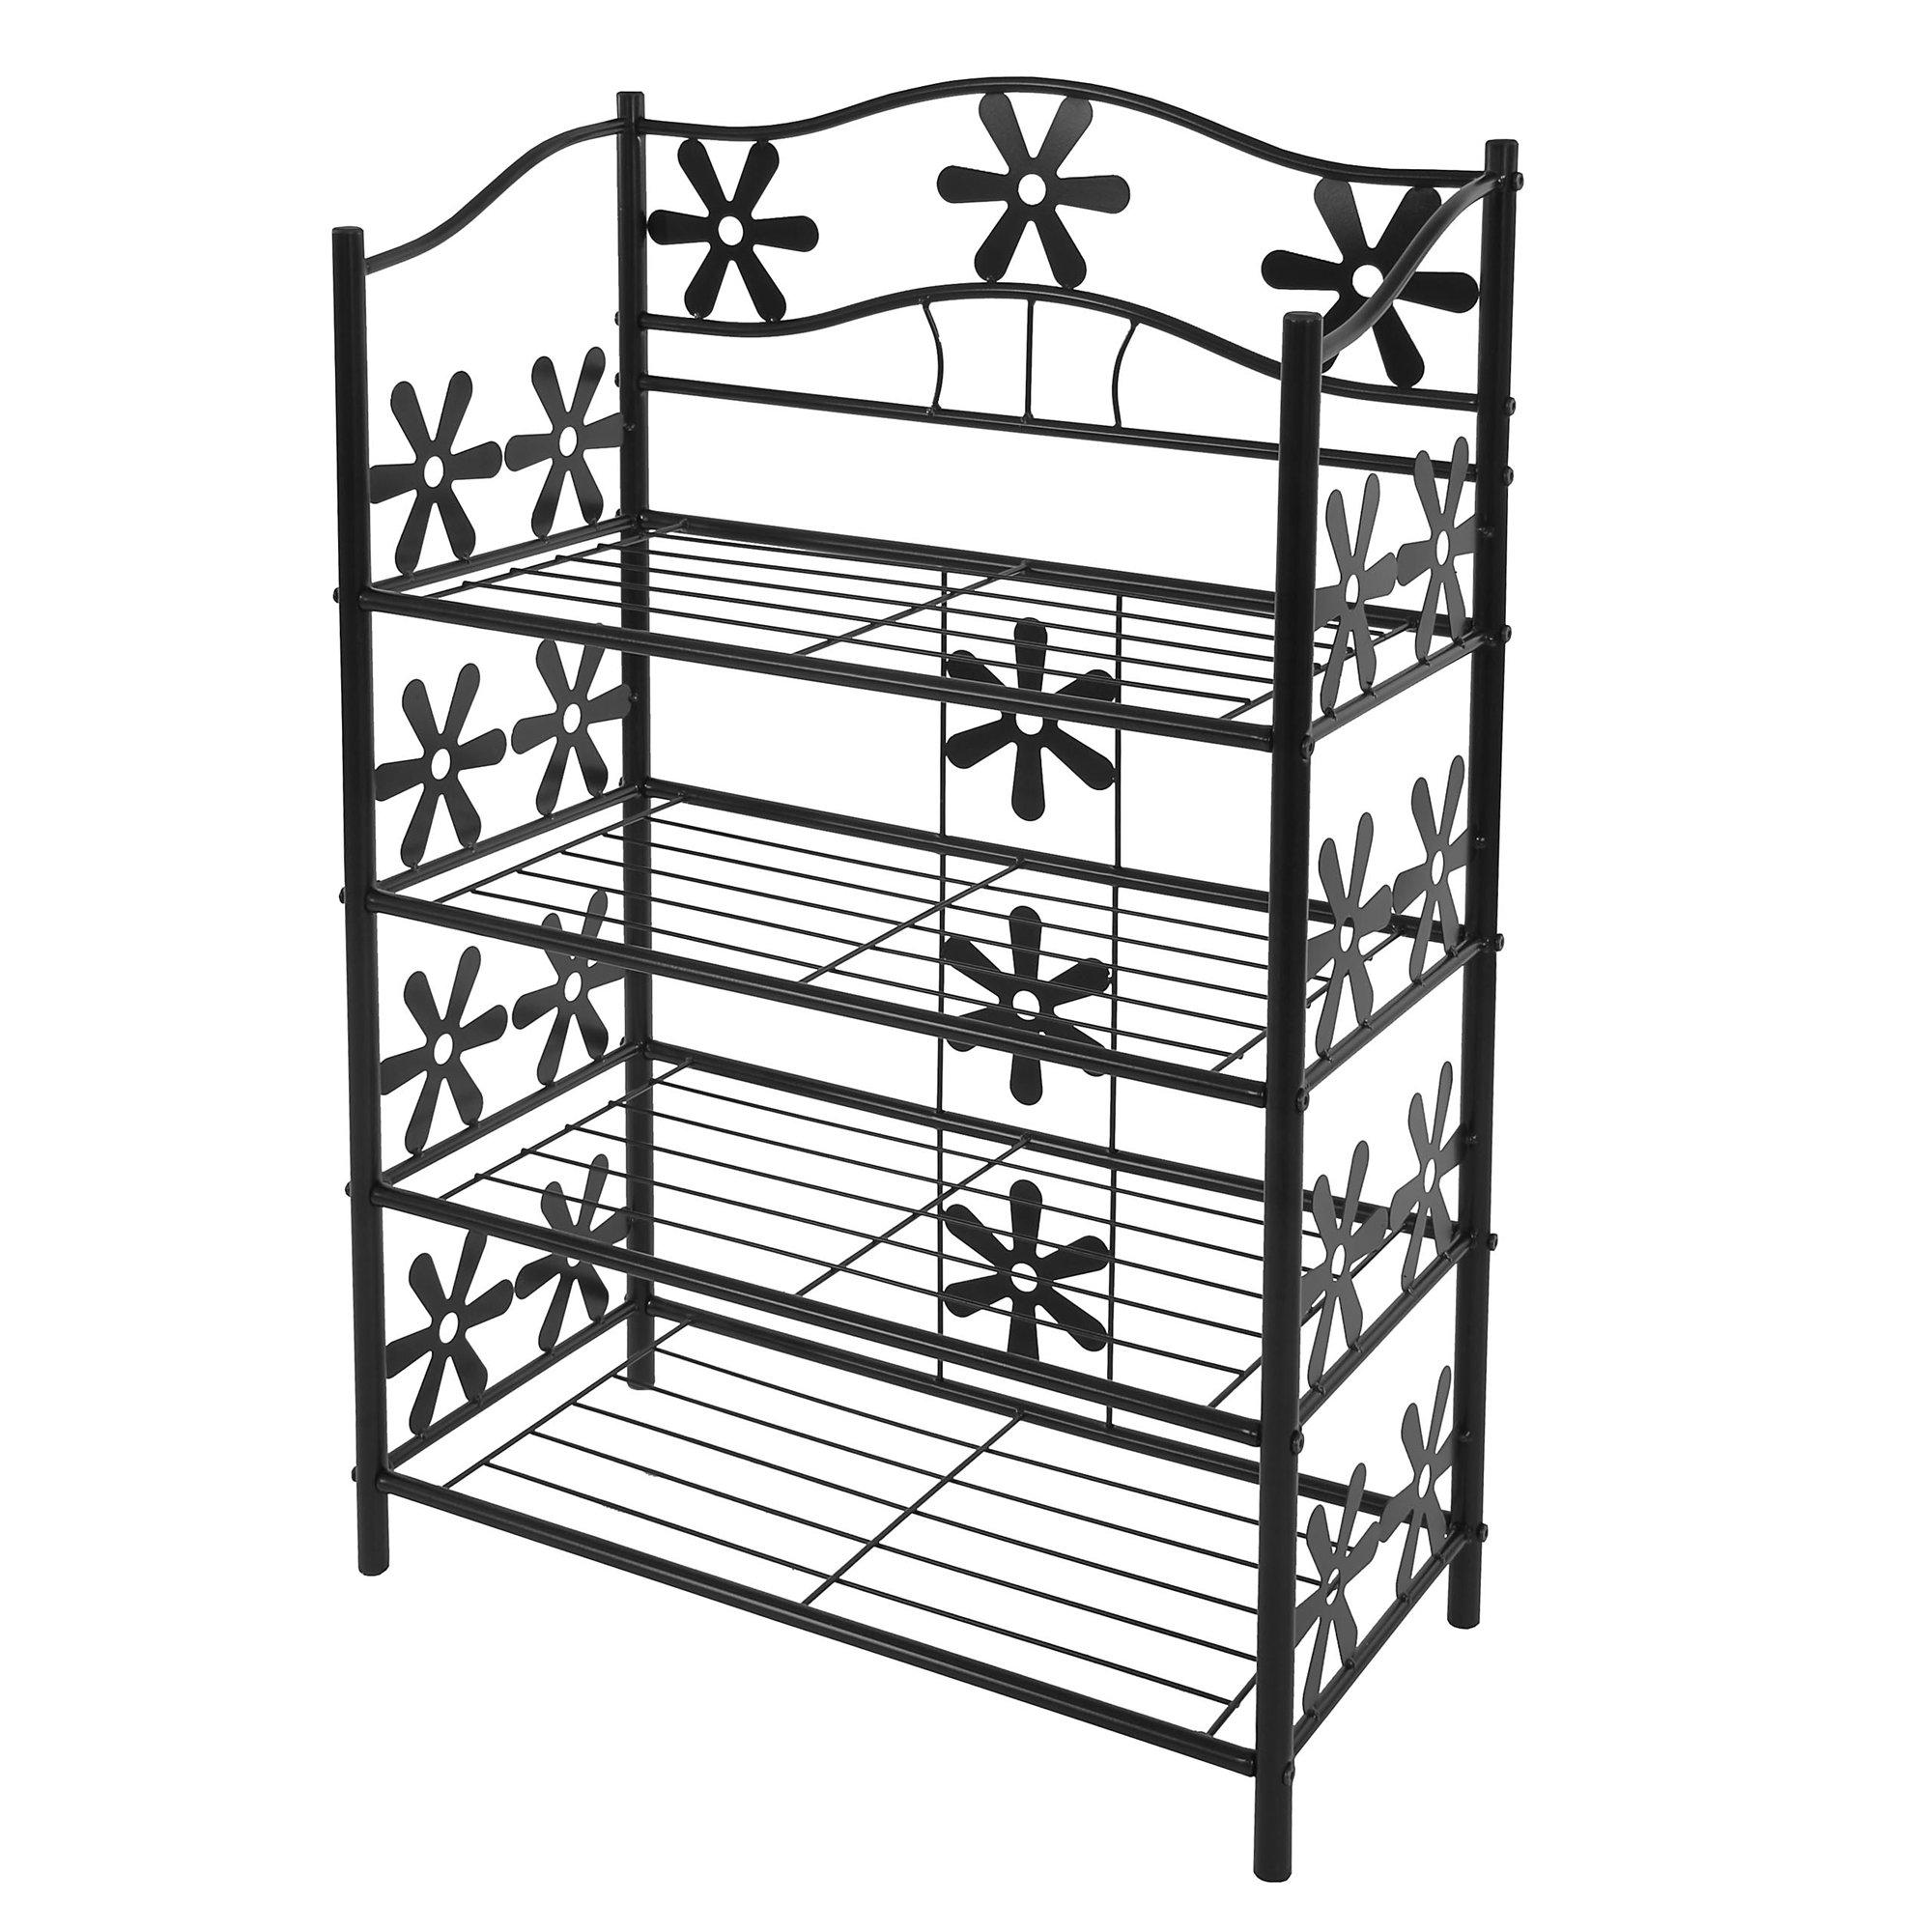 Estantería de metal zapatERO GINEBRA 4 estantes, 90 cm de altura